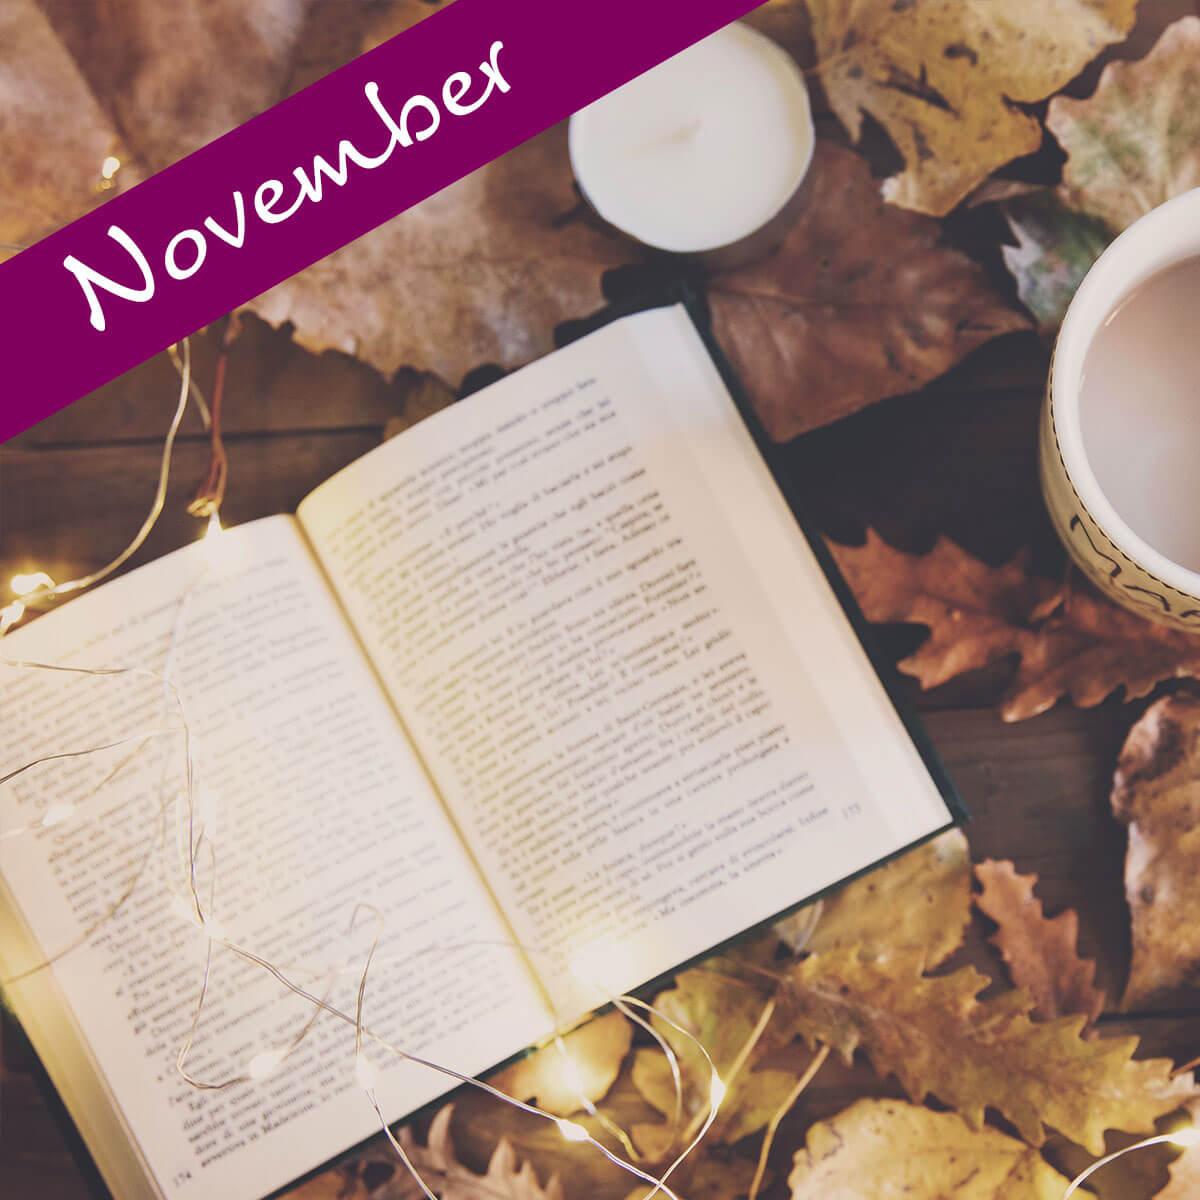 Disse seks bøger skal du læse i november